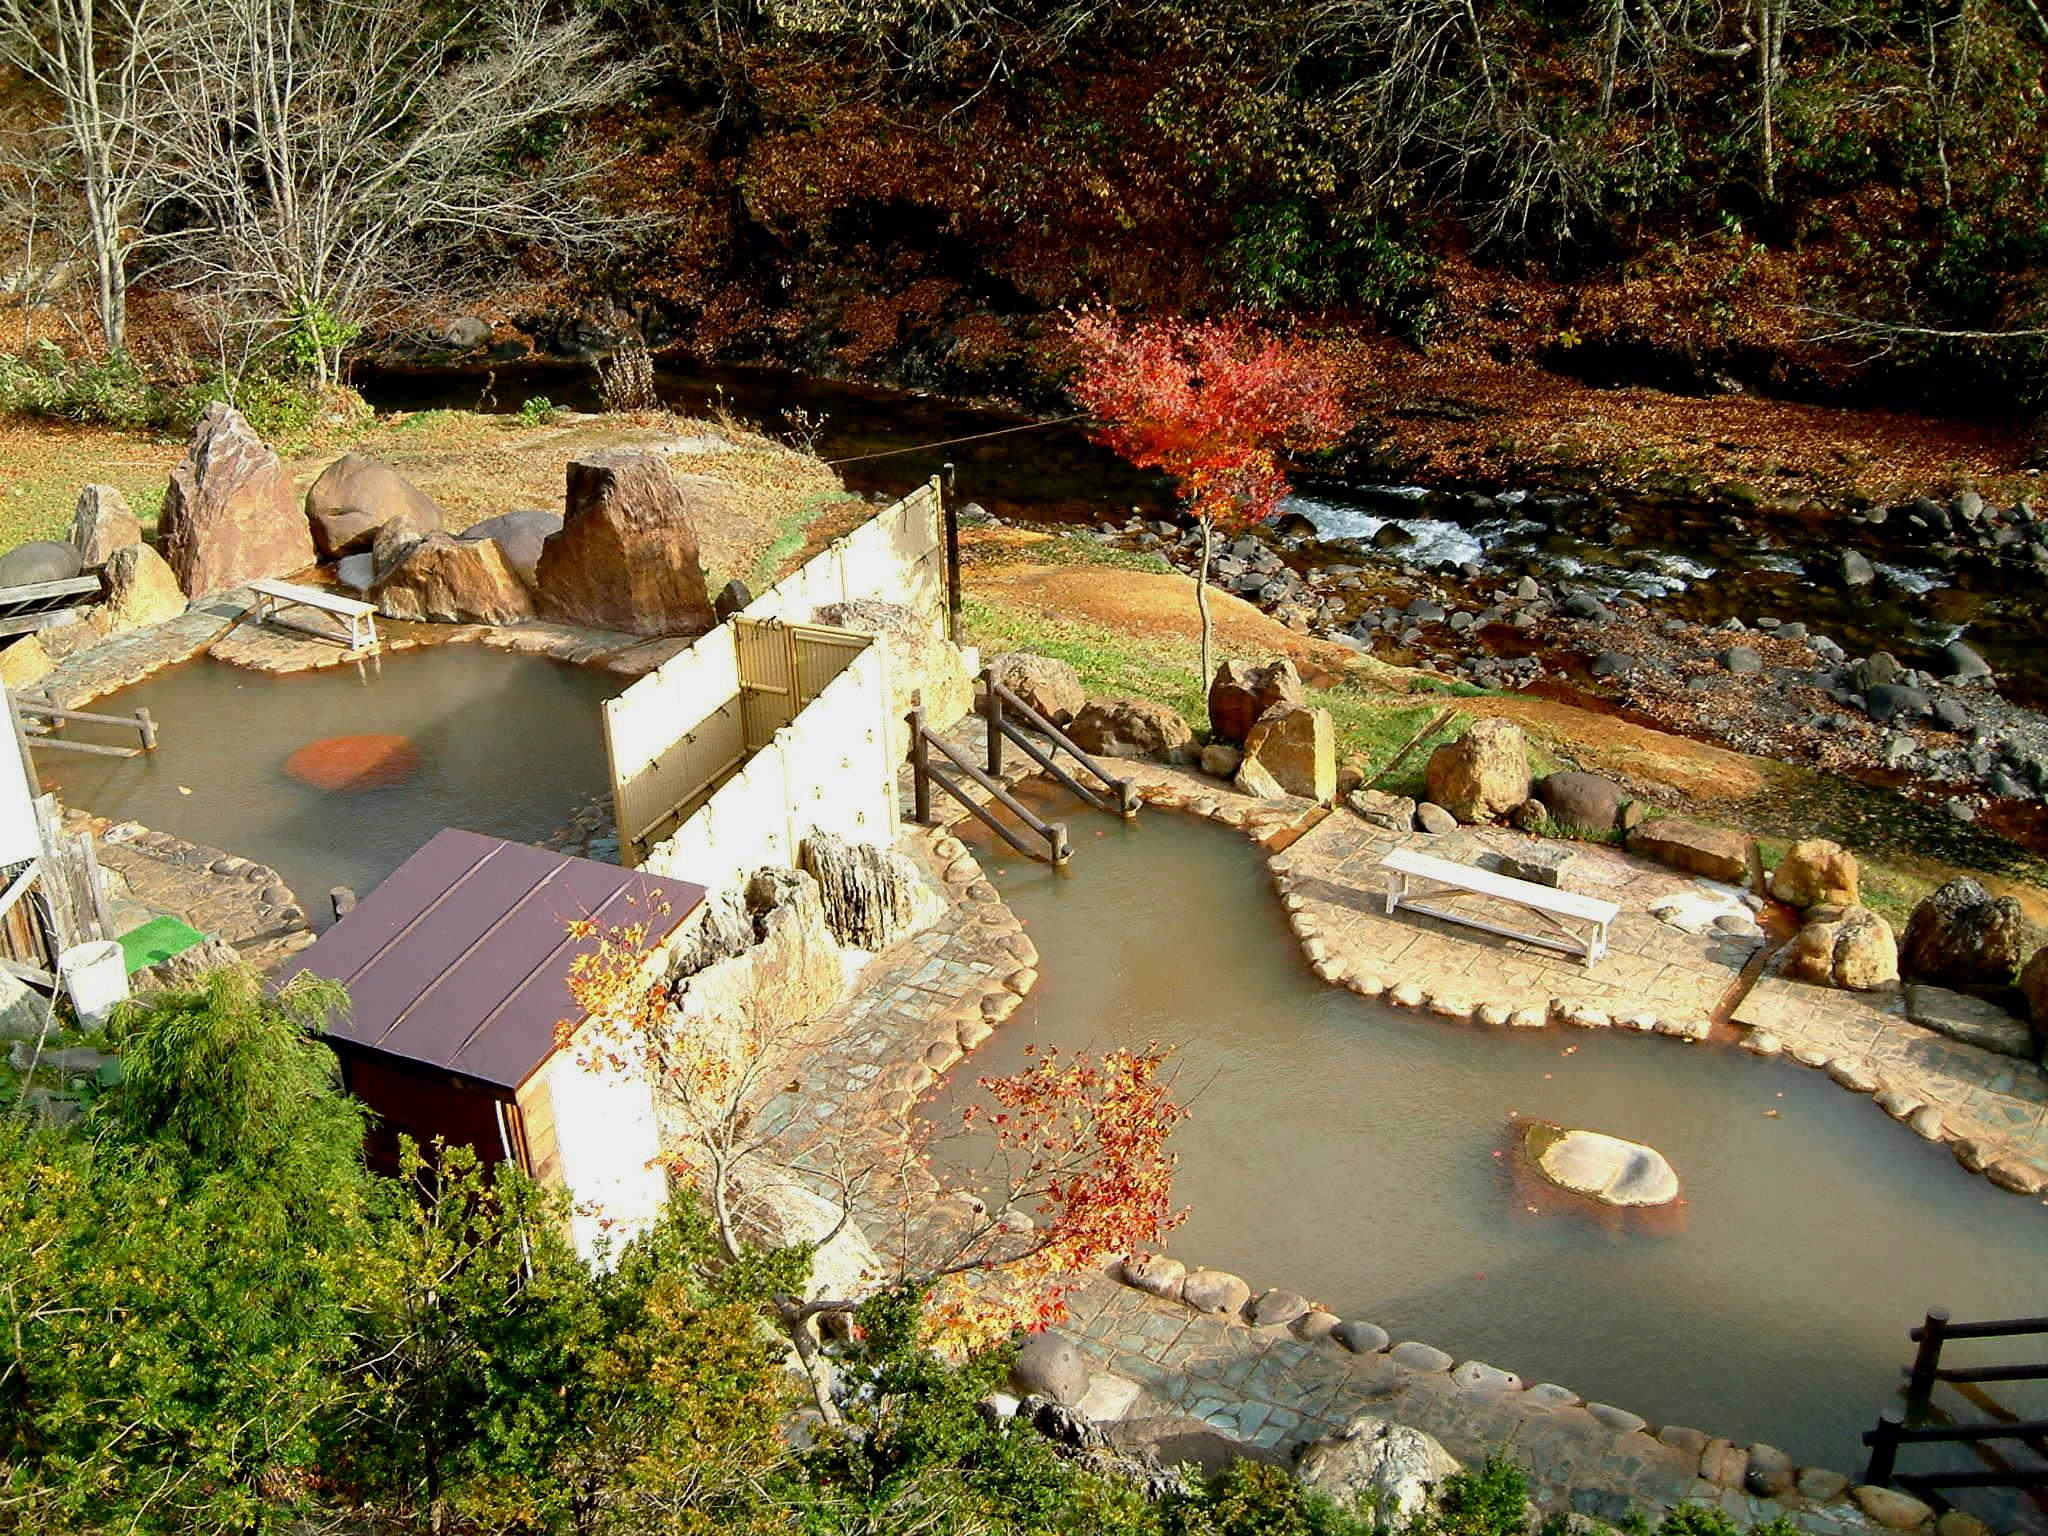 八雲溫泉 おぼこ荘:大自然圍繞的獨棟旅館,享受2種泉質的泡湯樂趣!